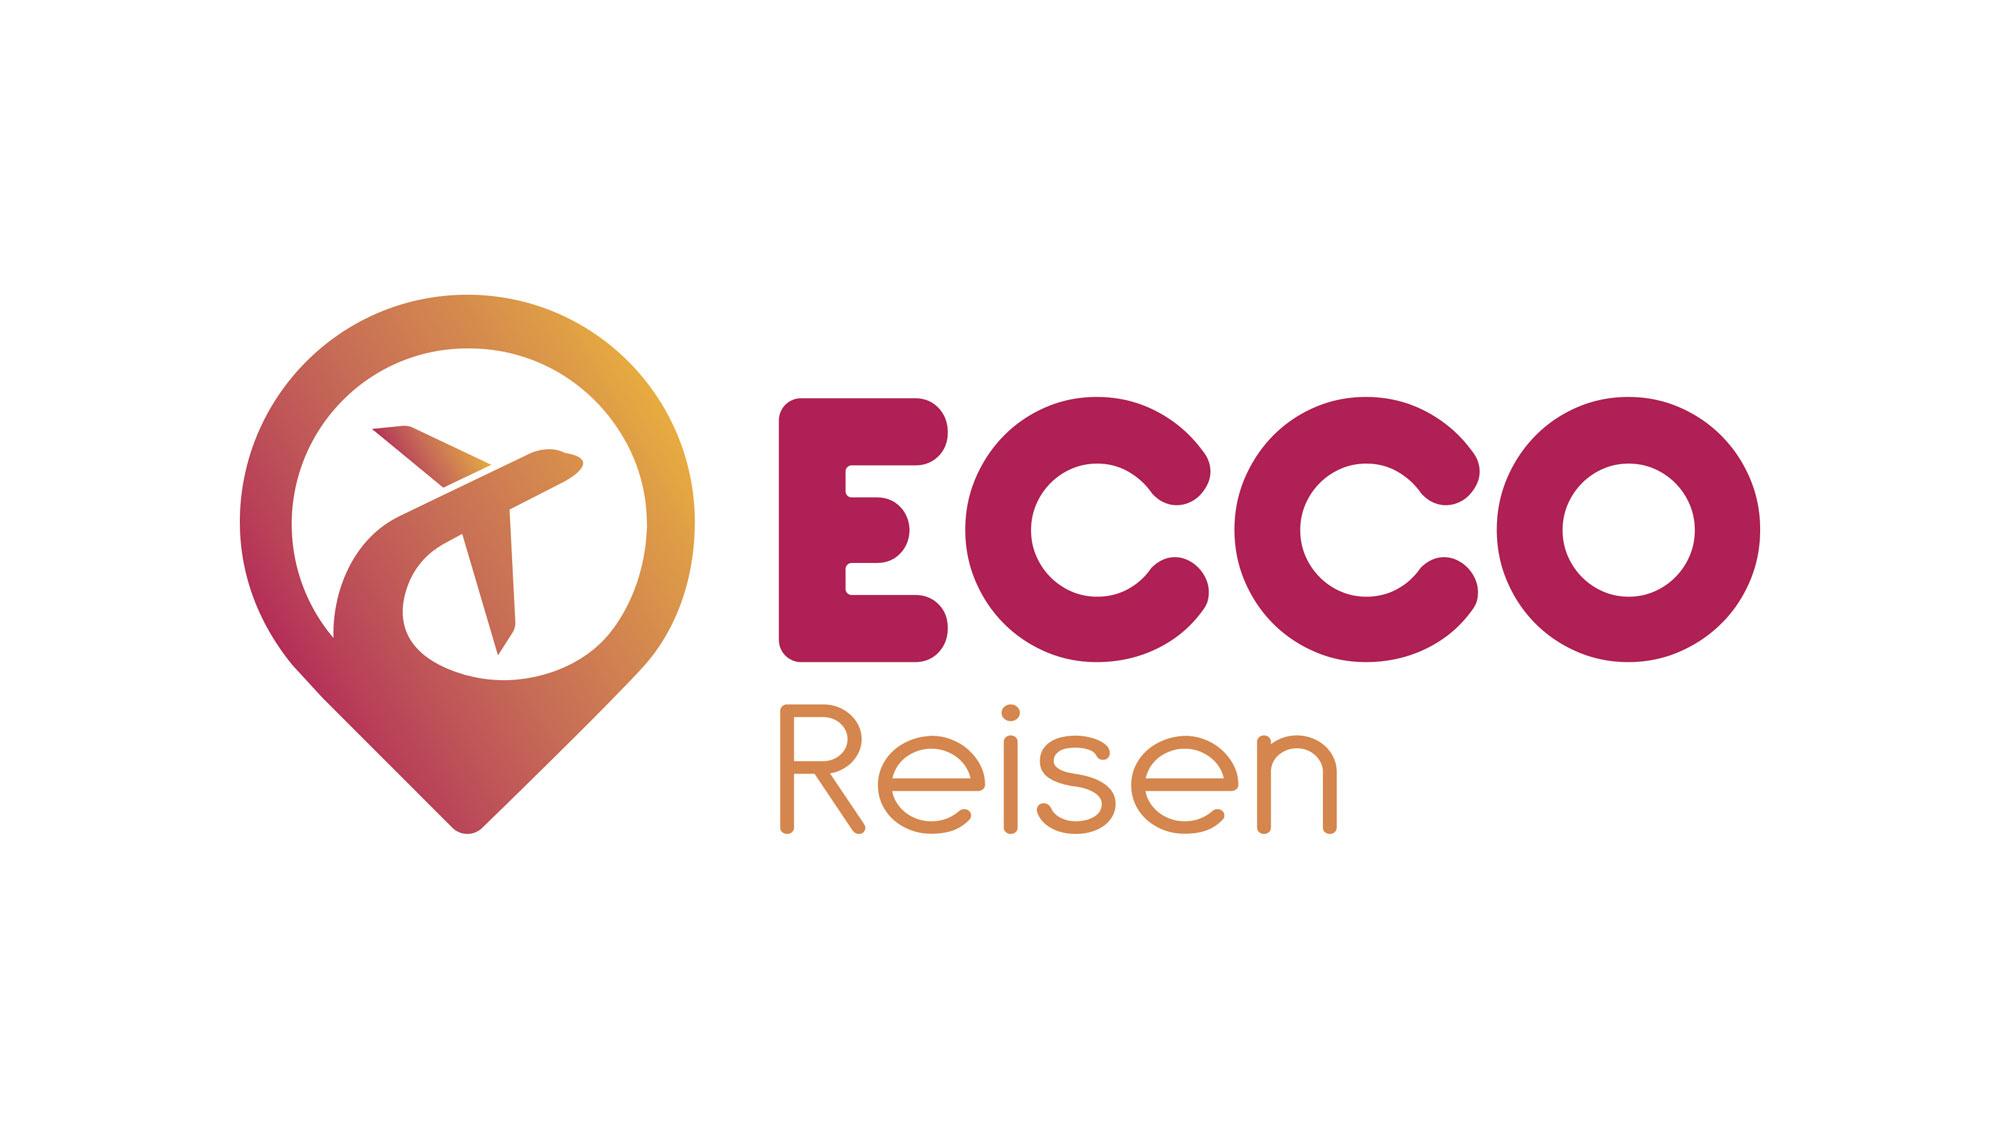 Ecco-reisen-Logo.jpg